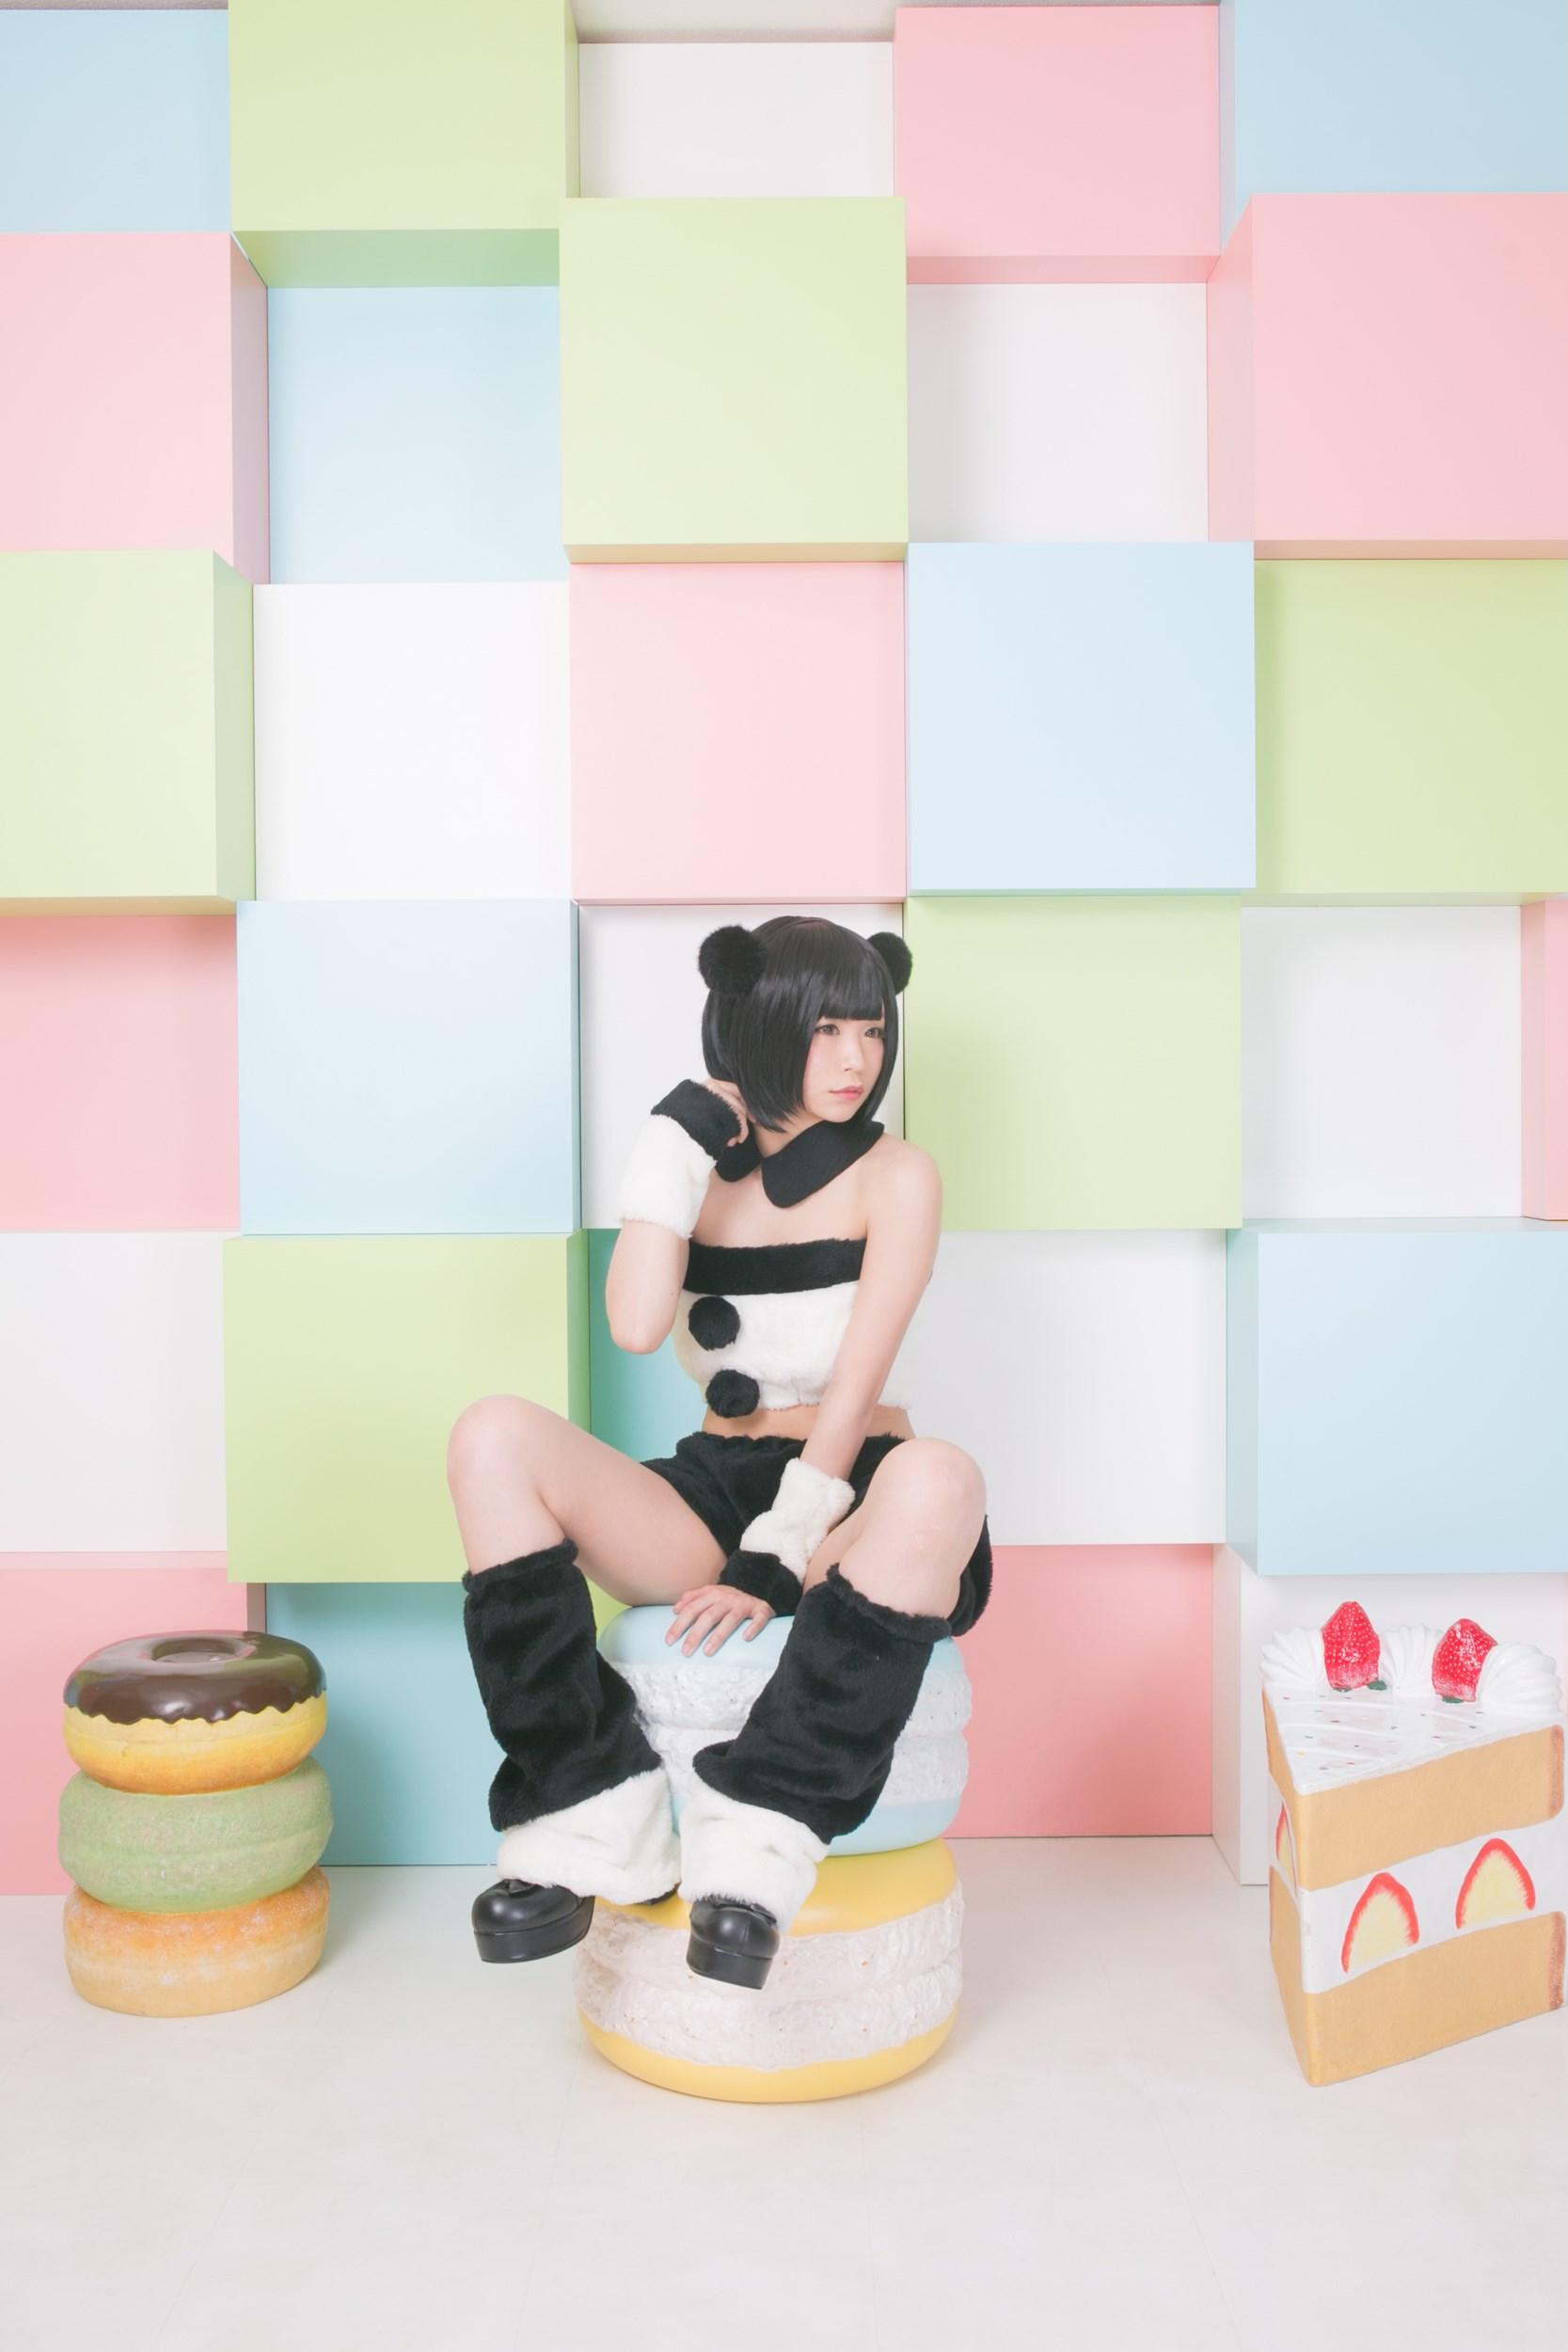 【兔玩映画】熊猫娘 兔玩映画 第35张